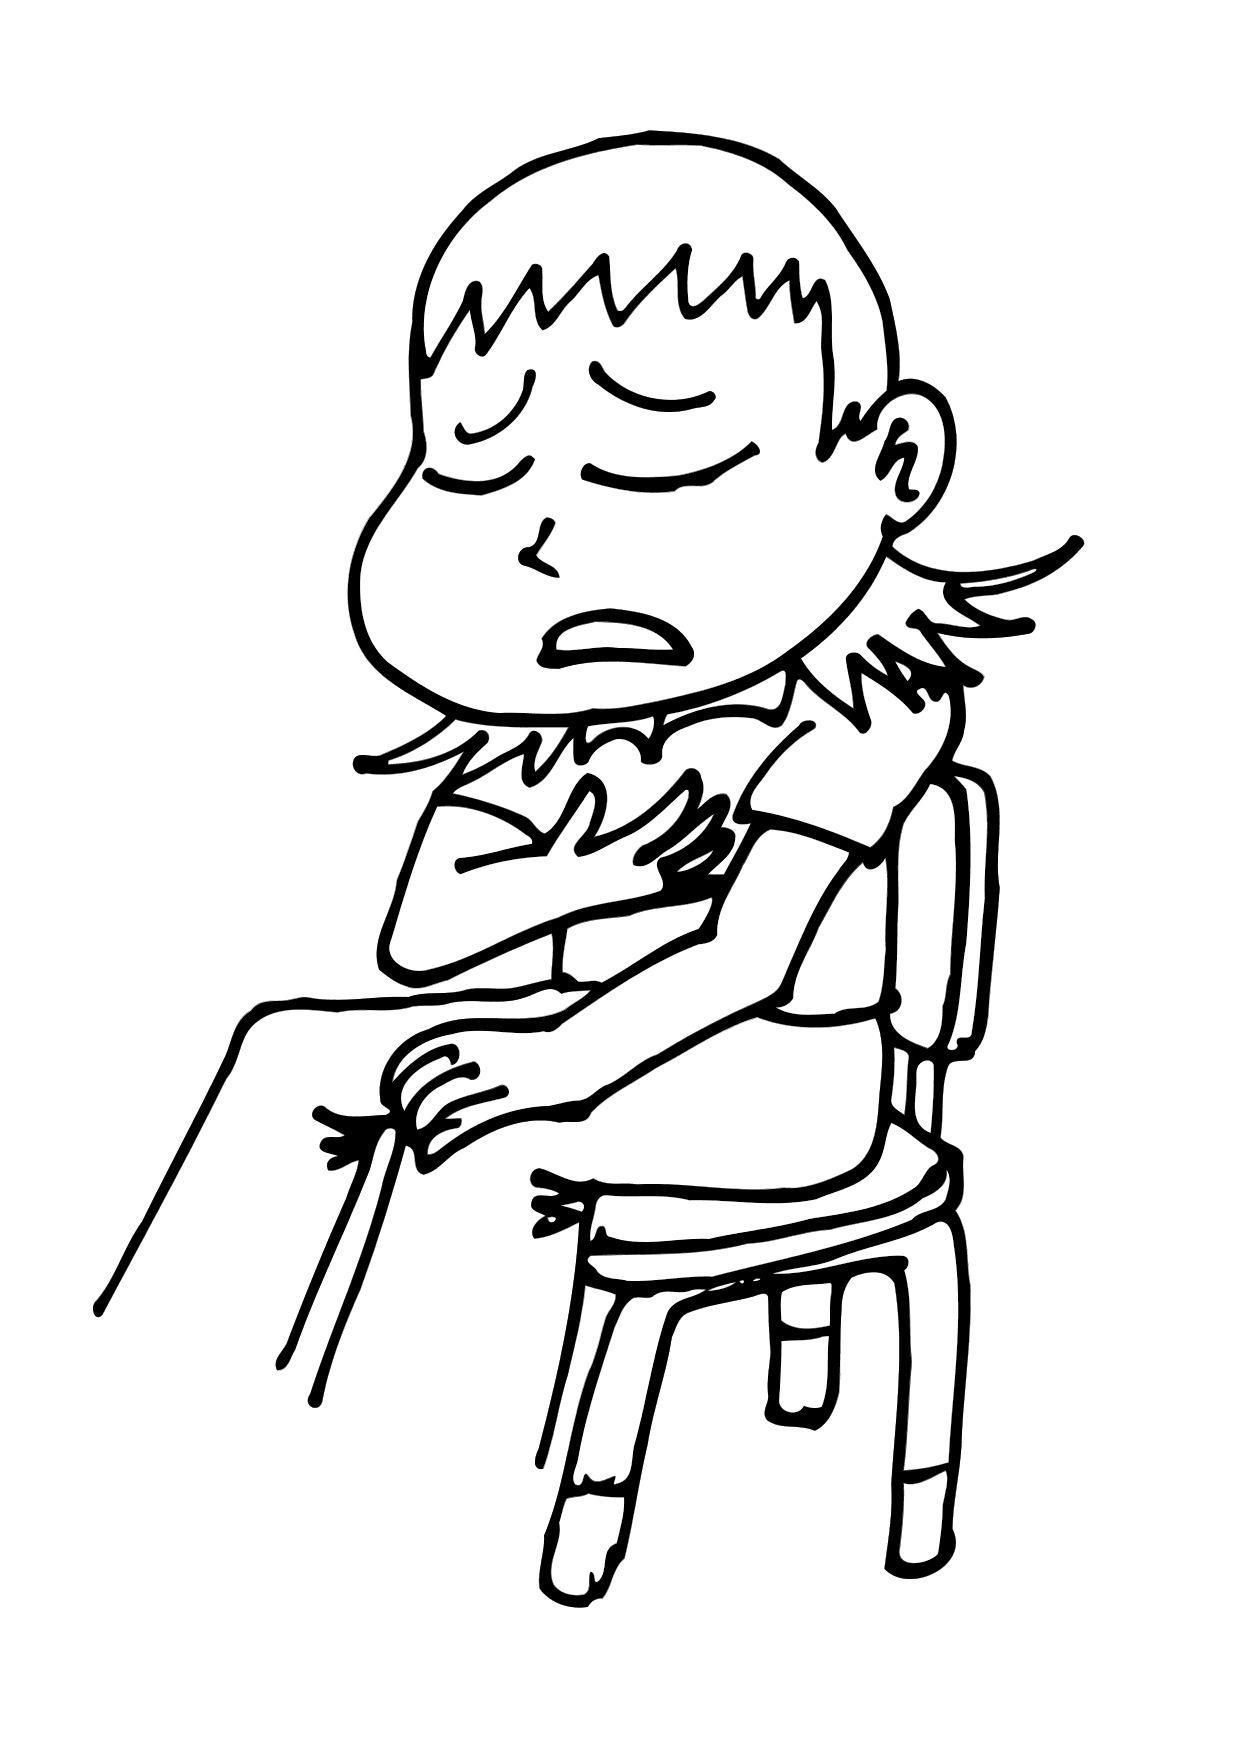 Malvorlage ich fühle mich krank | Ausmalbild 11768.